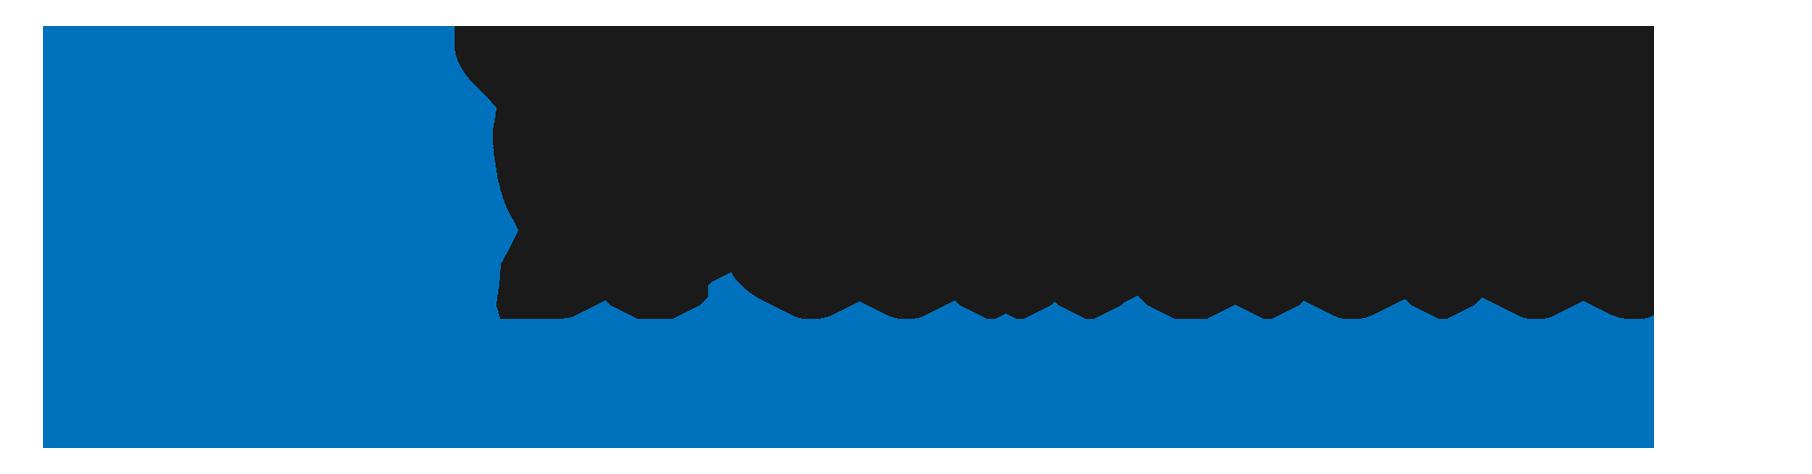 Observatorio Cubano de Conflictos